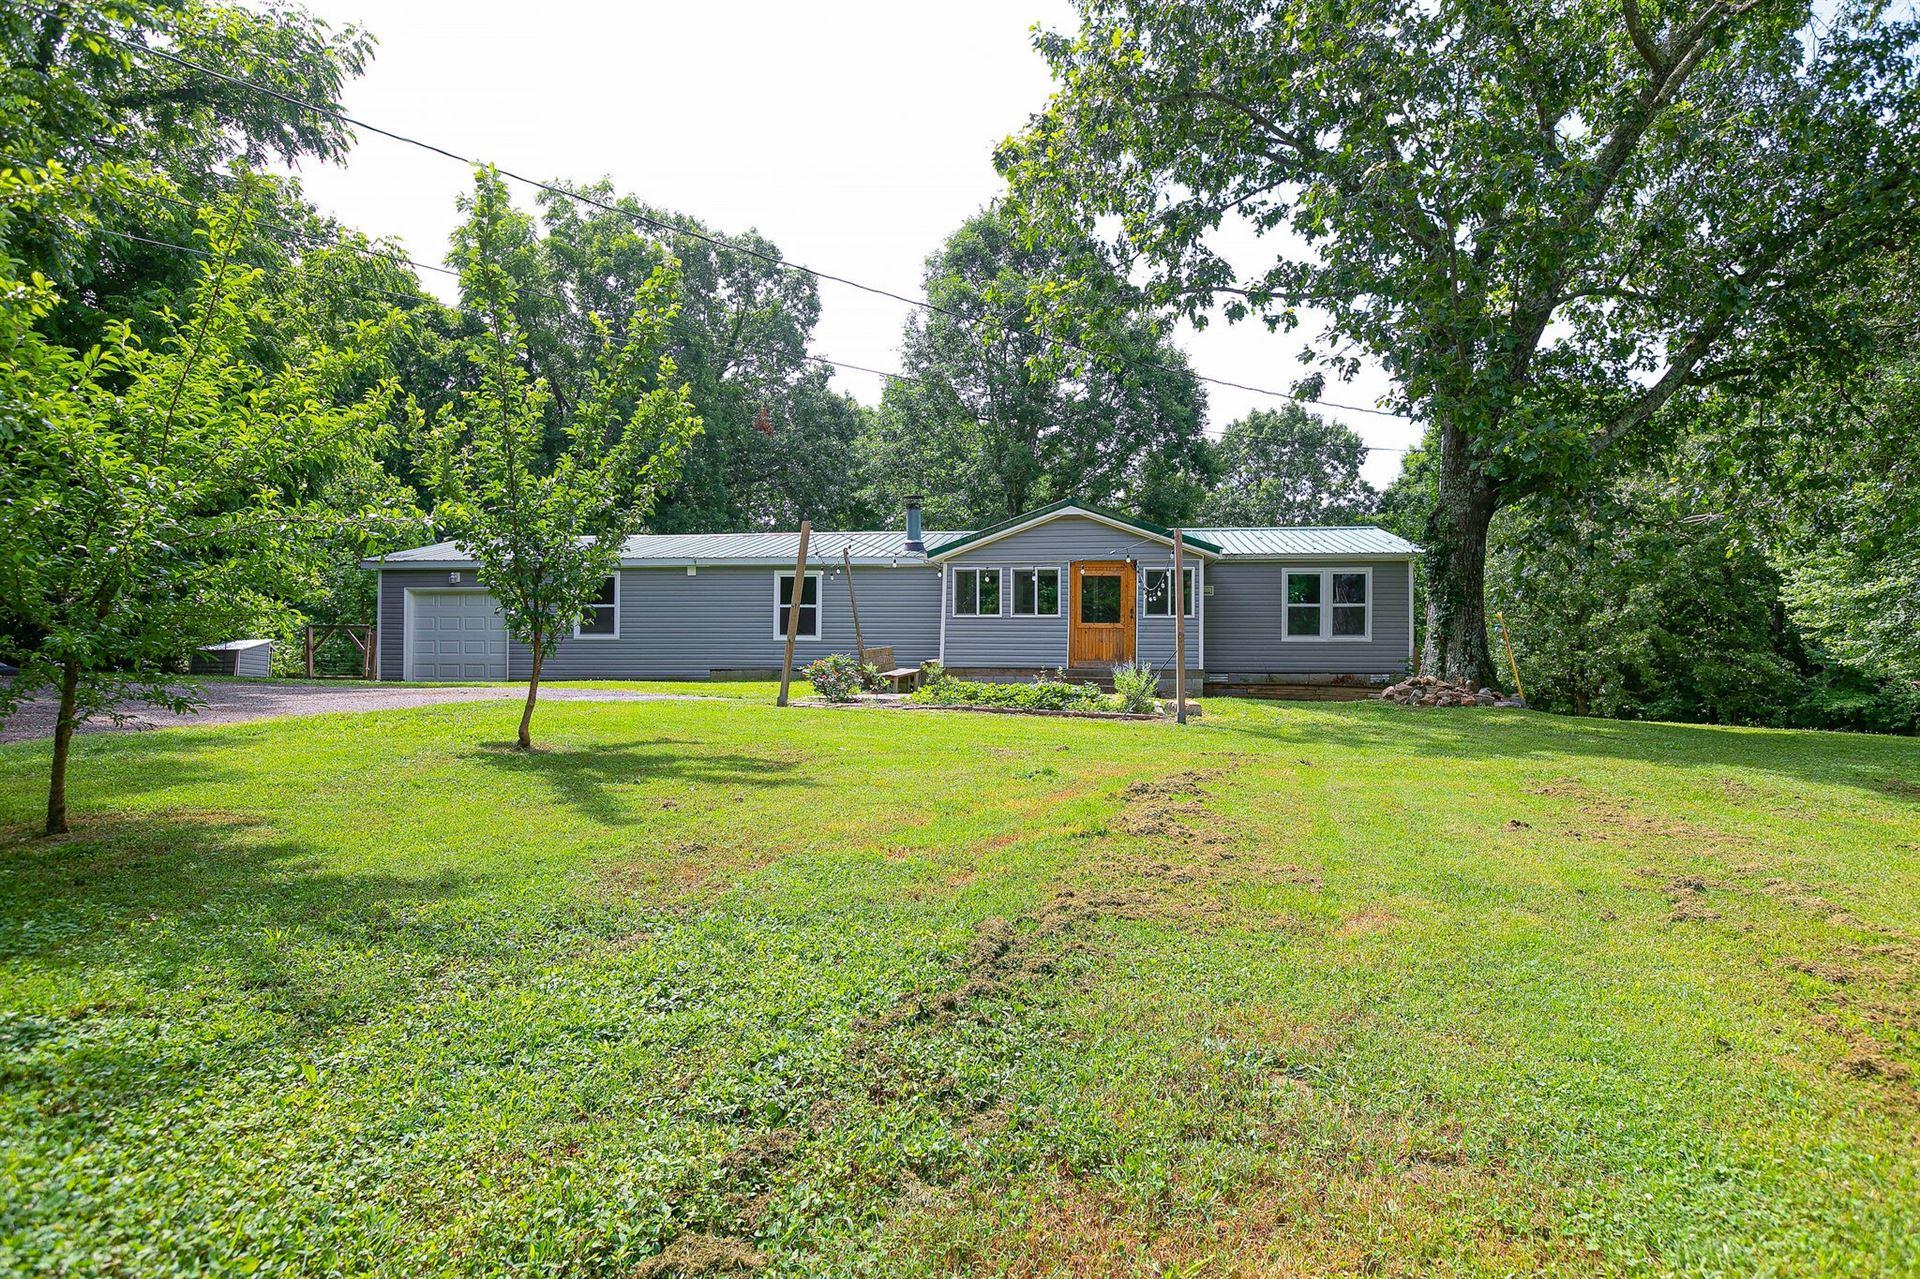 5556 Hargrove Rd, Franklin, TN 37064 - MLS#: 2267655